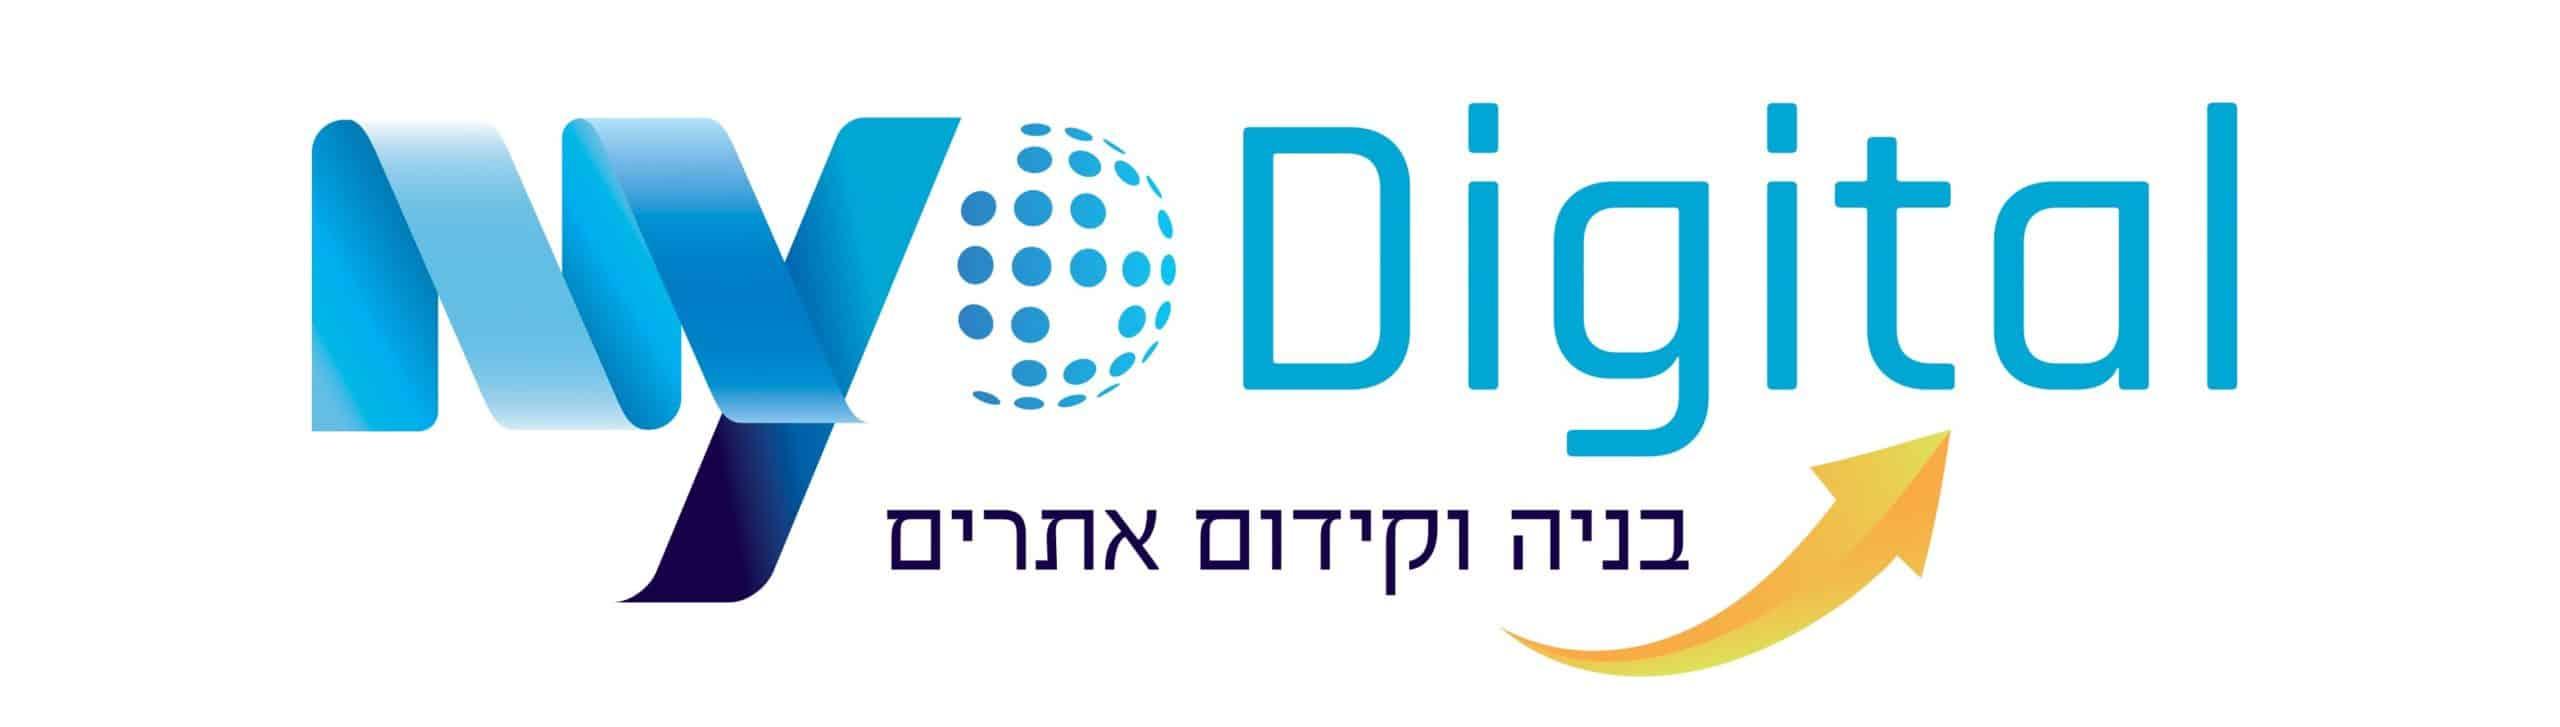 NY-Digital בניית אתרים וקידום אתרים הלוגו הרשמי